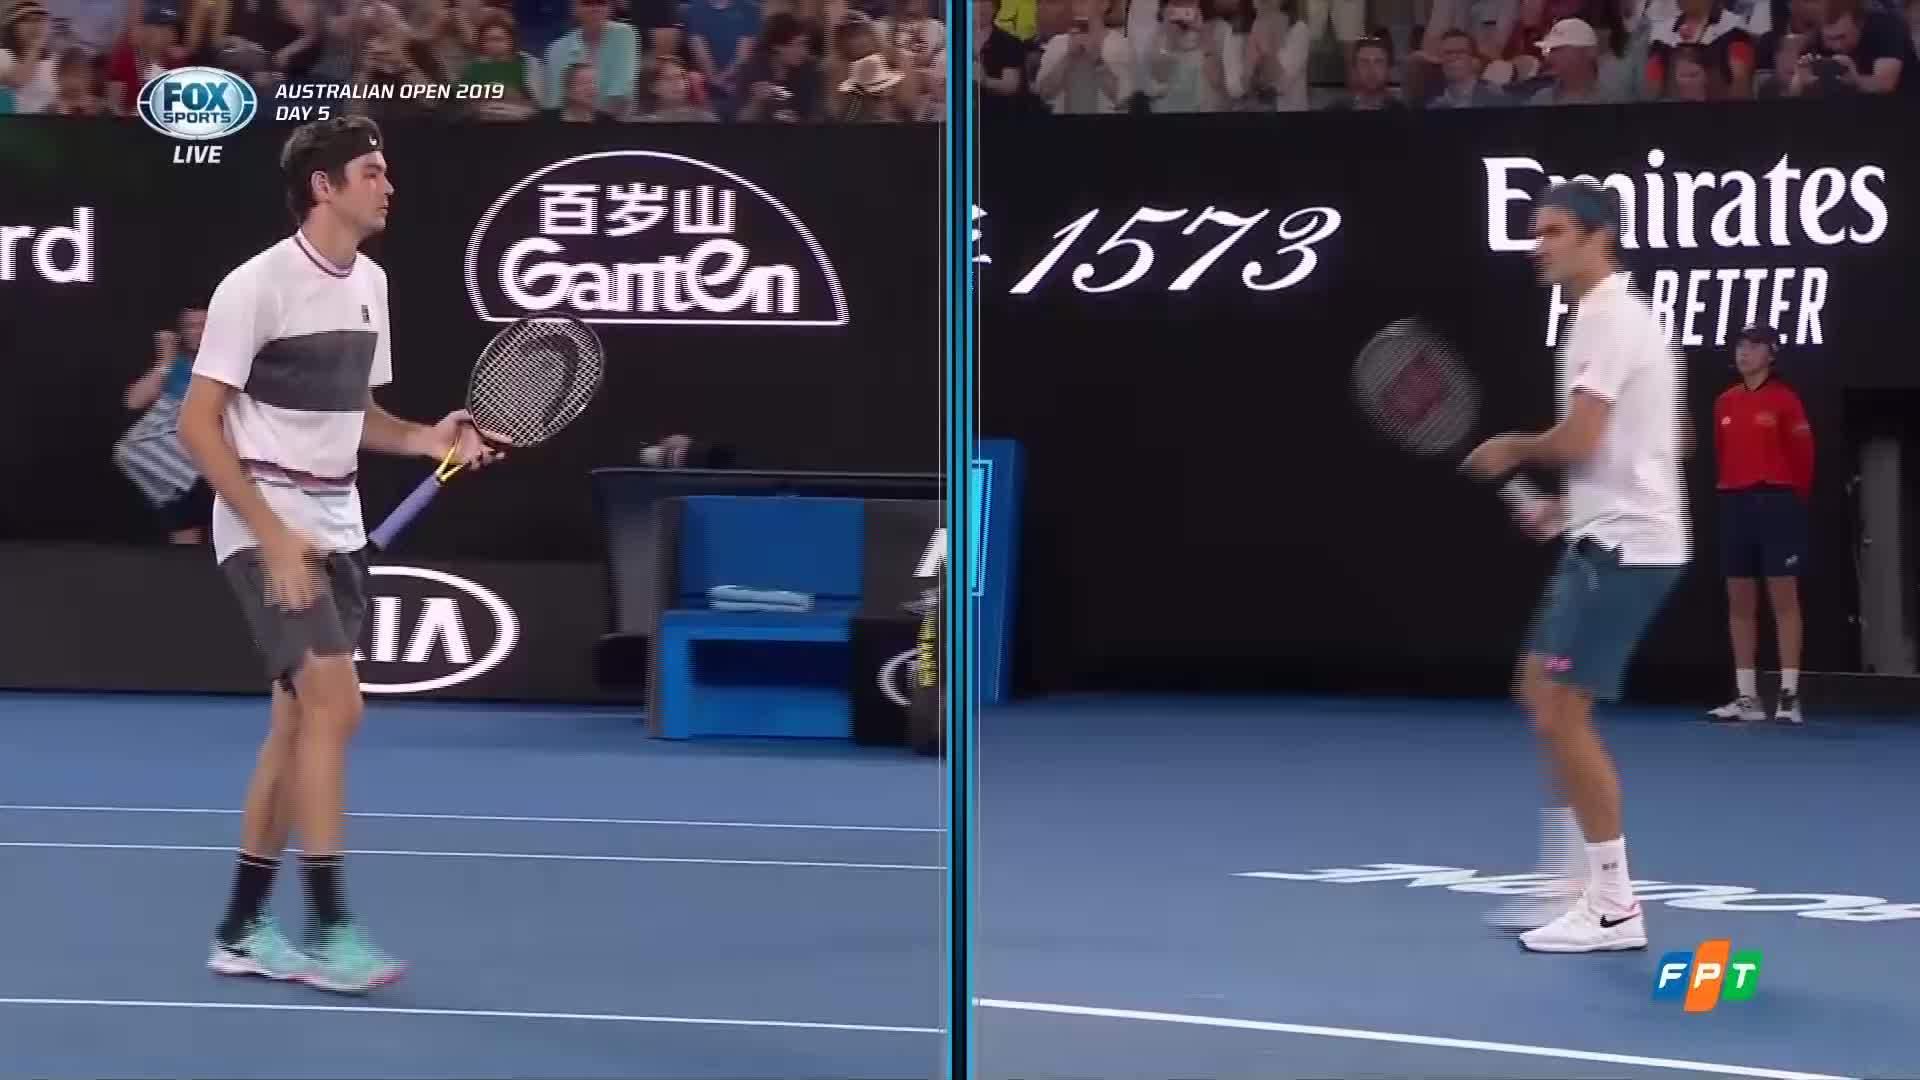 Taylor Fritz 0-3 Roger Federer